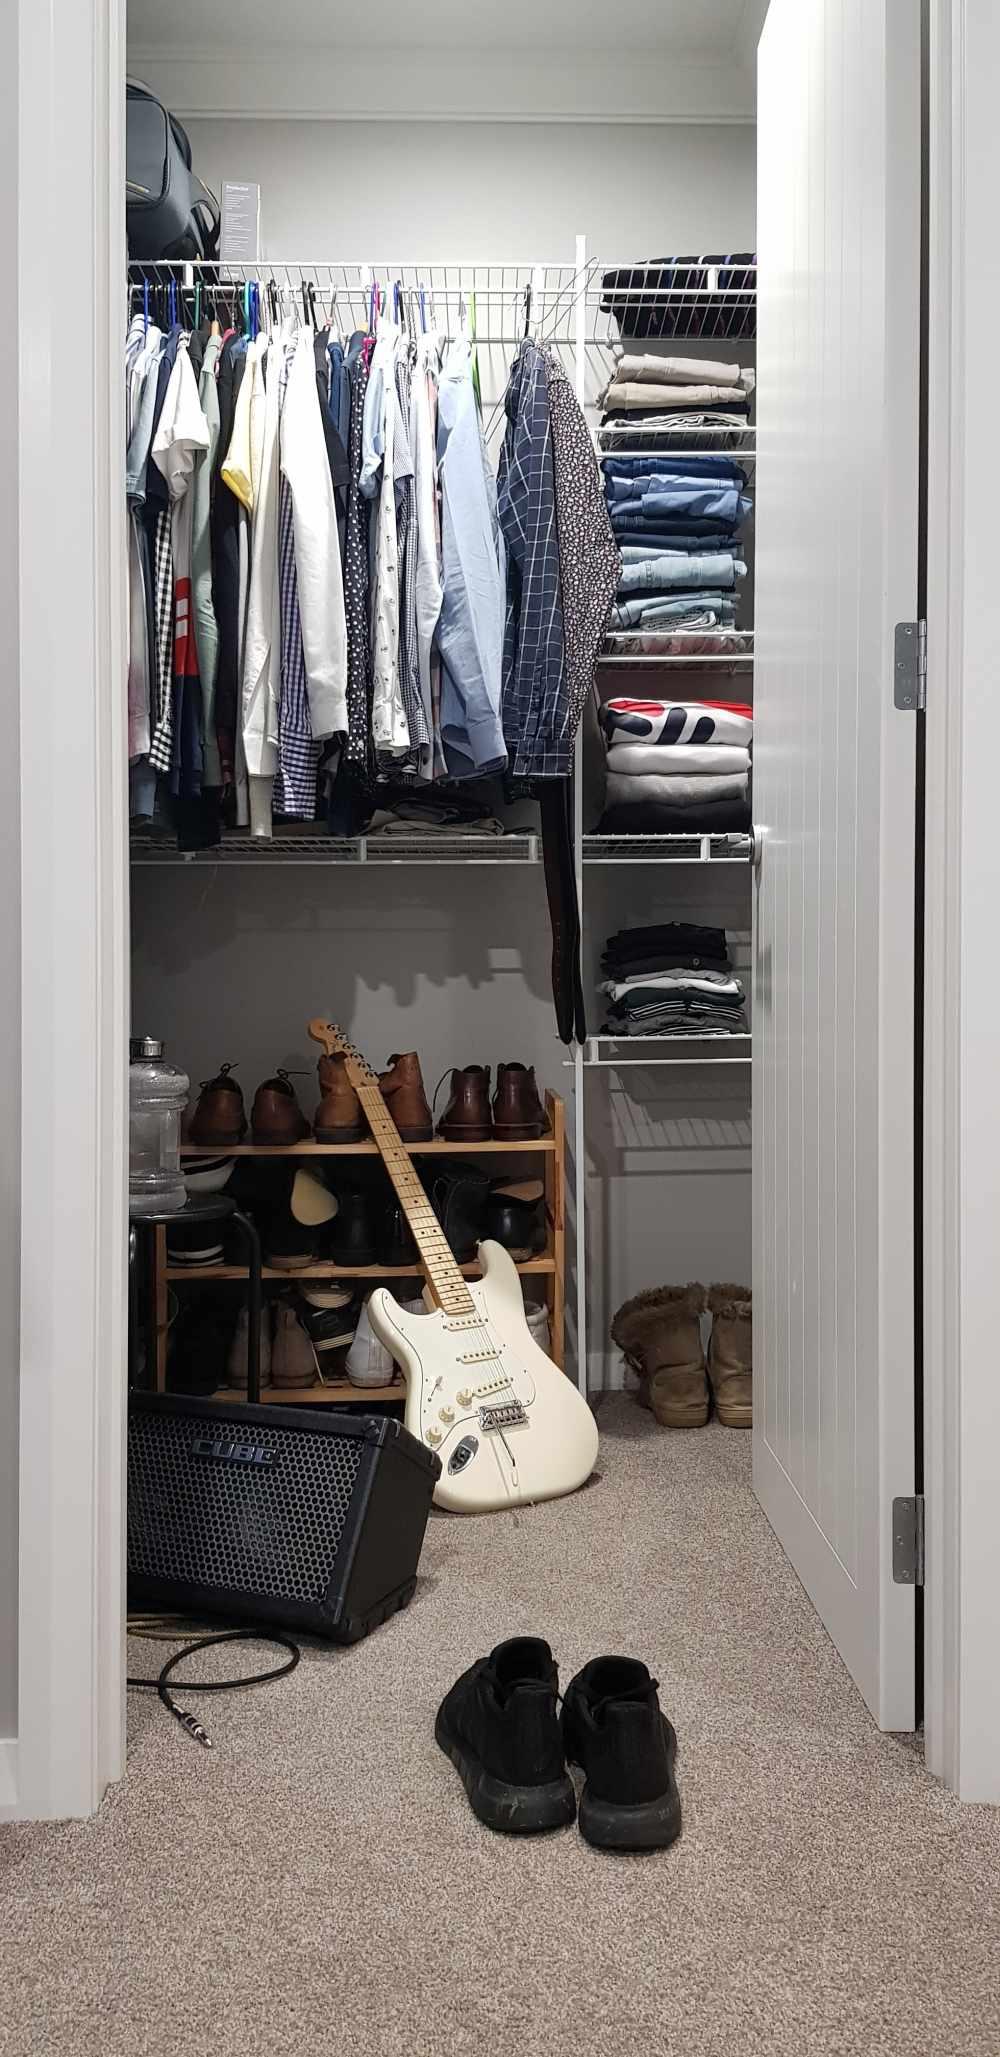 встроенный шкаф, шкаф в нише, встроенный шкаф